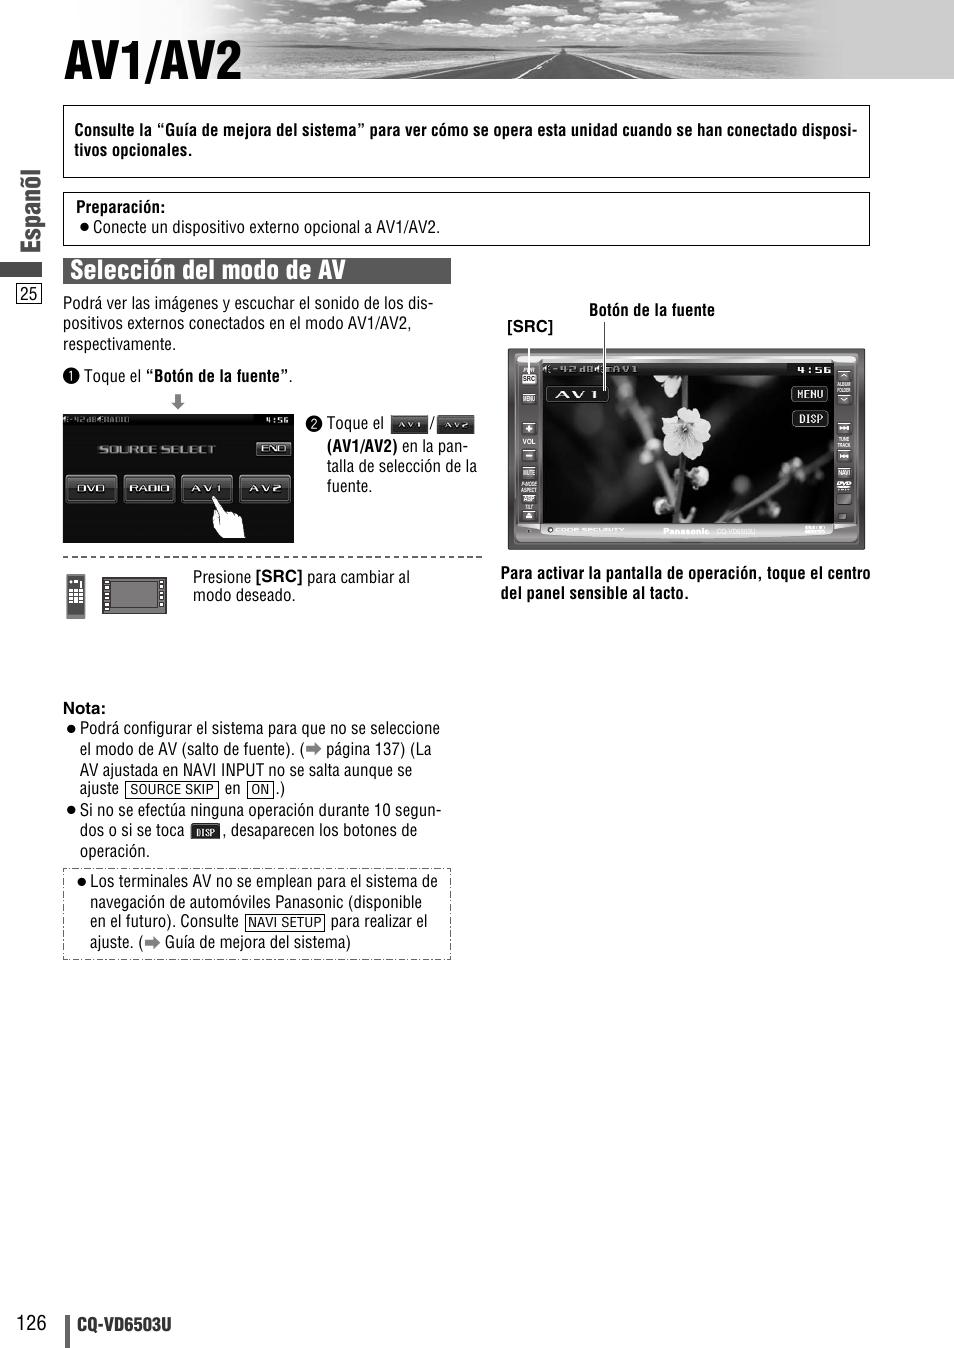 Av1/av2, Espanõl, Selección del modo de av | Cq-vd6503u |